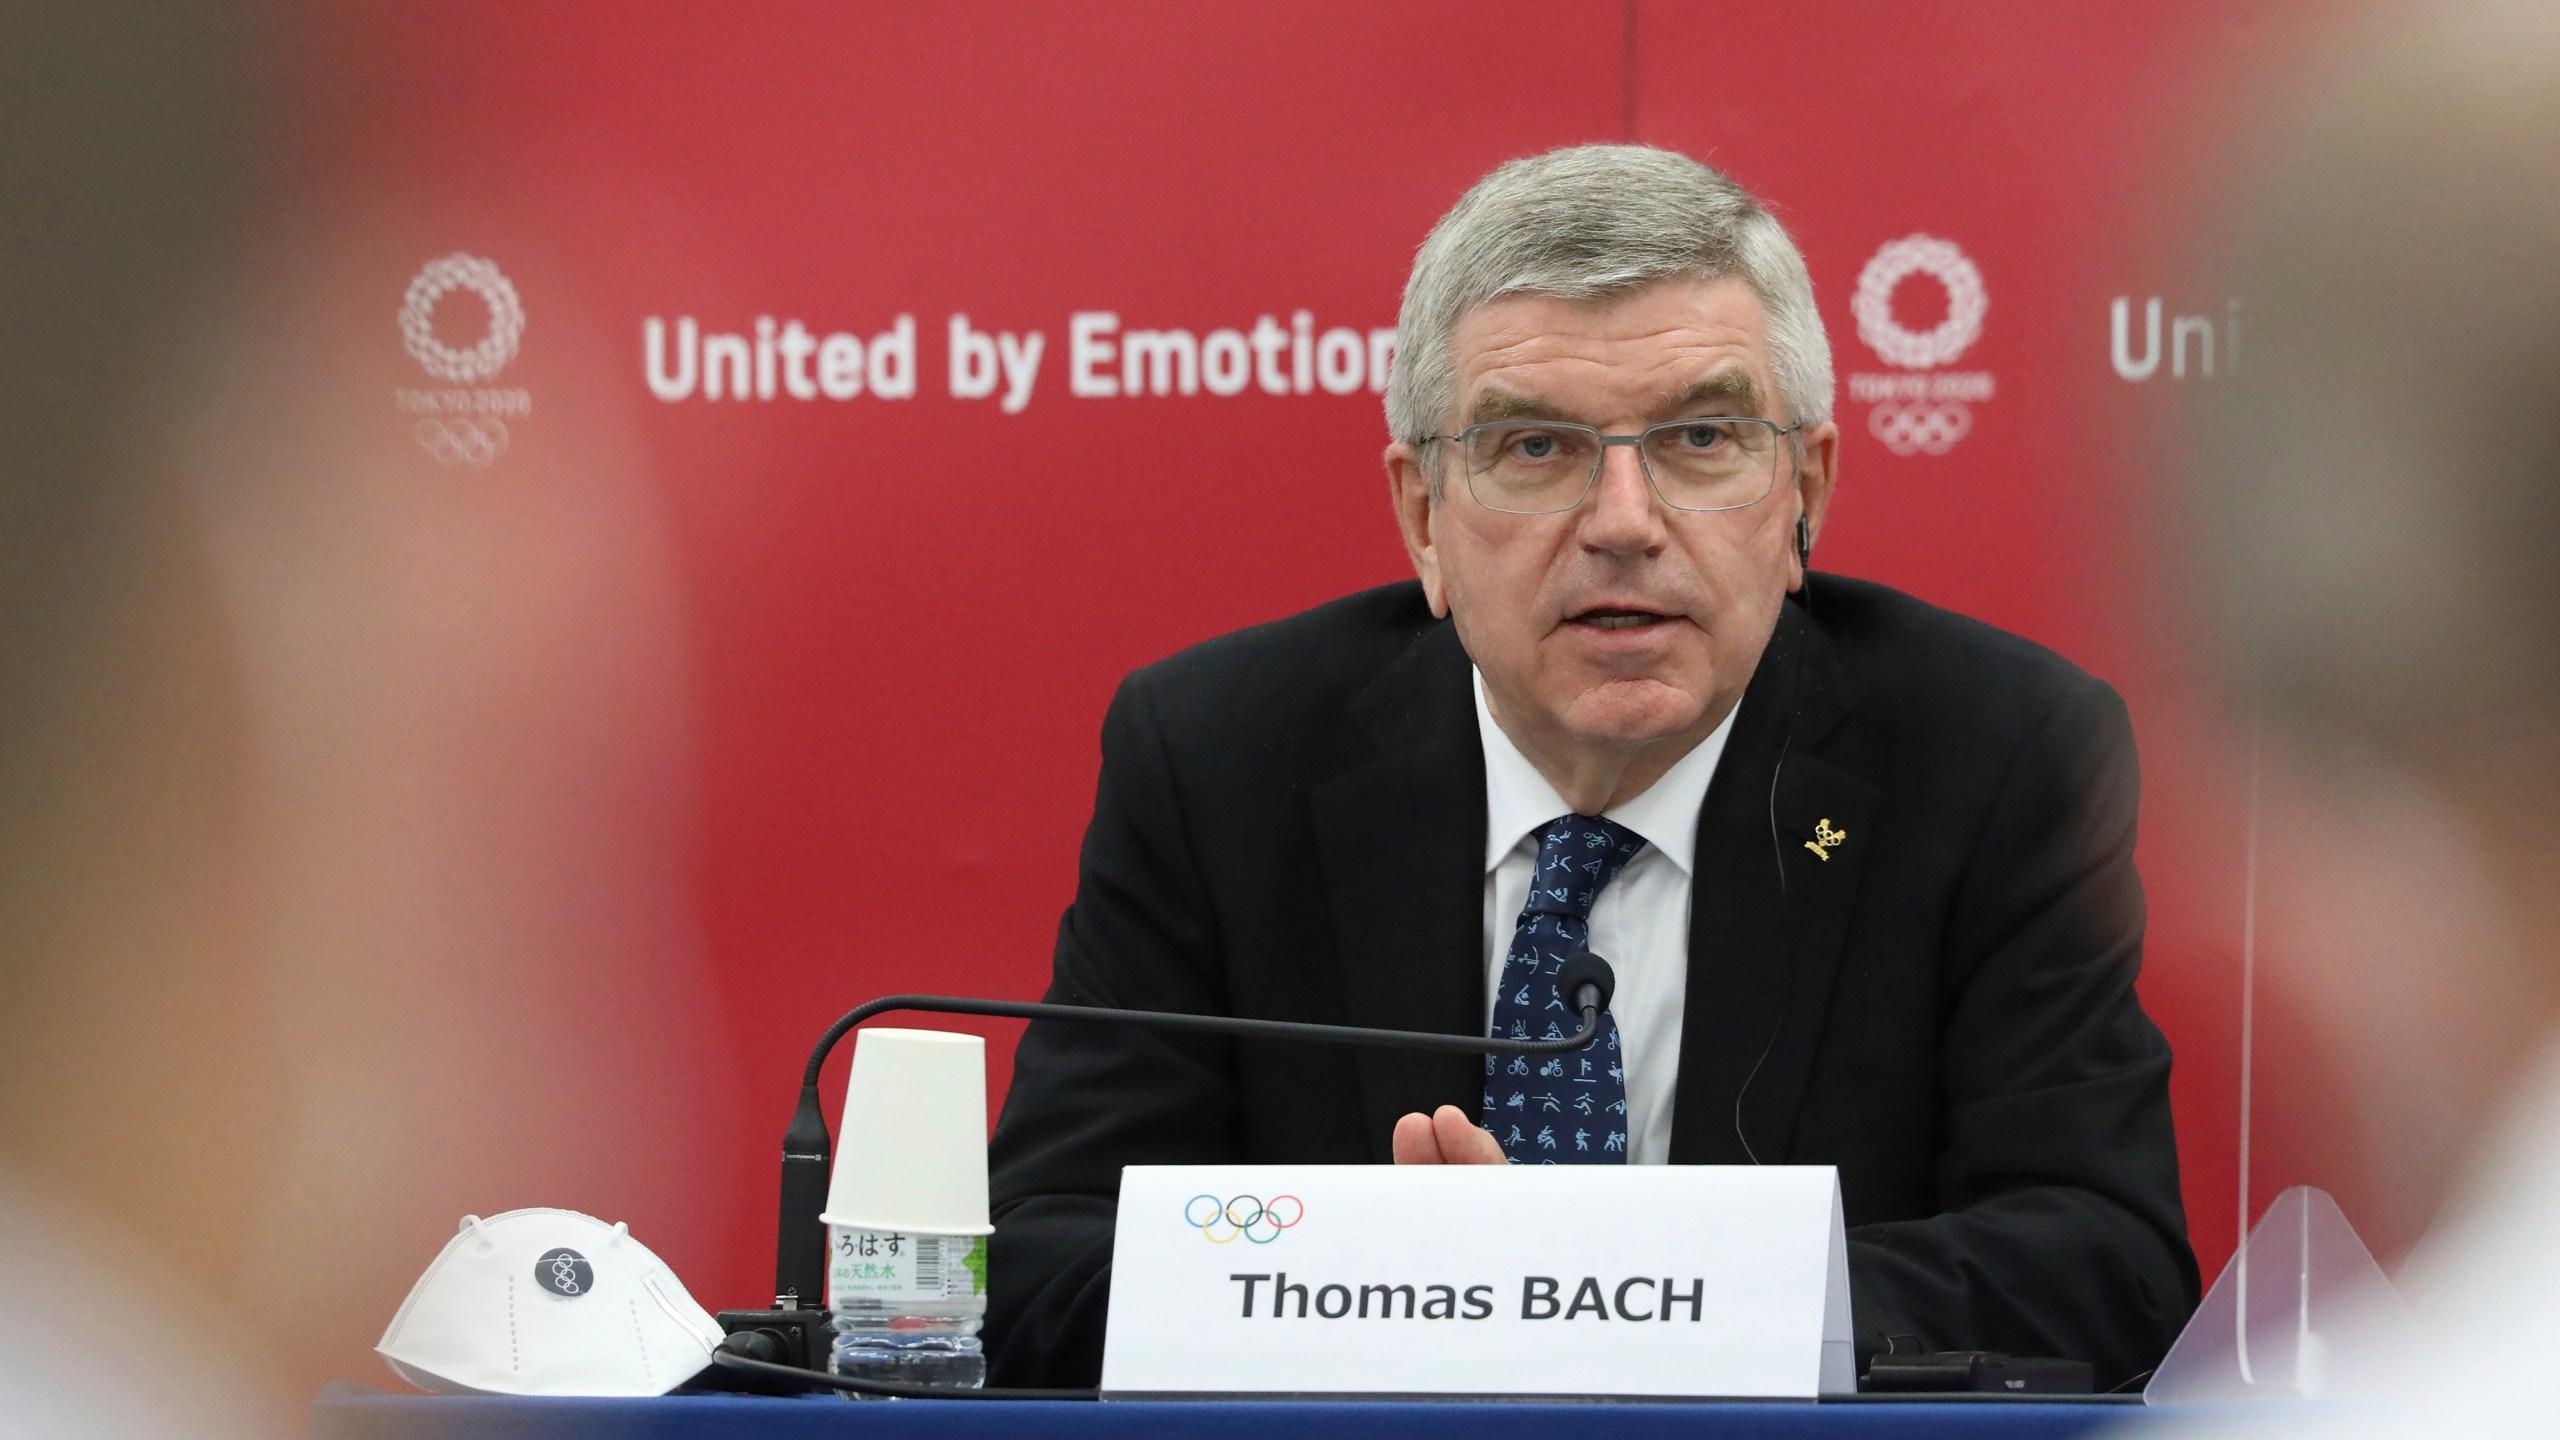 Thomas Bach